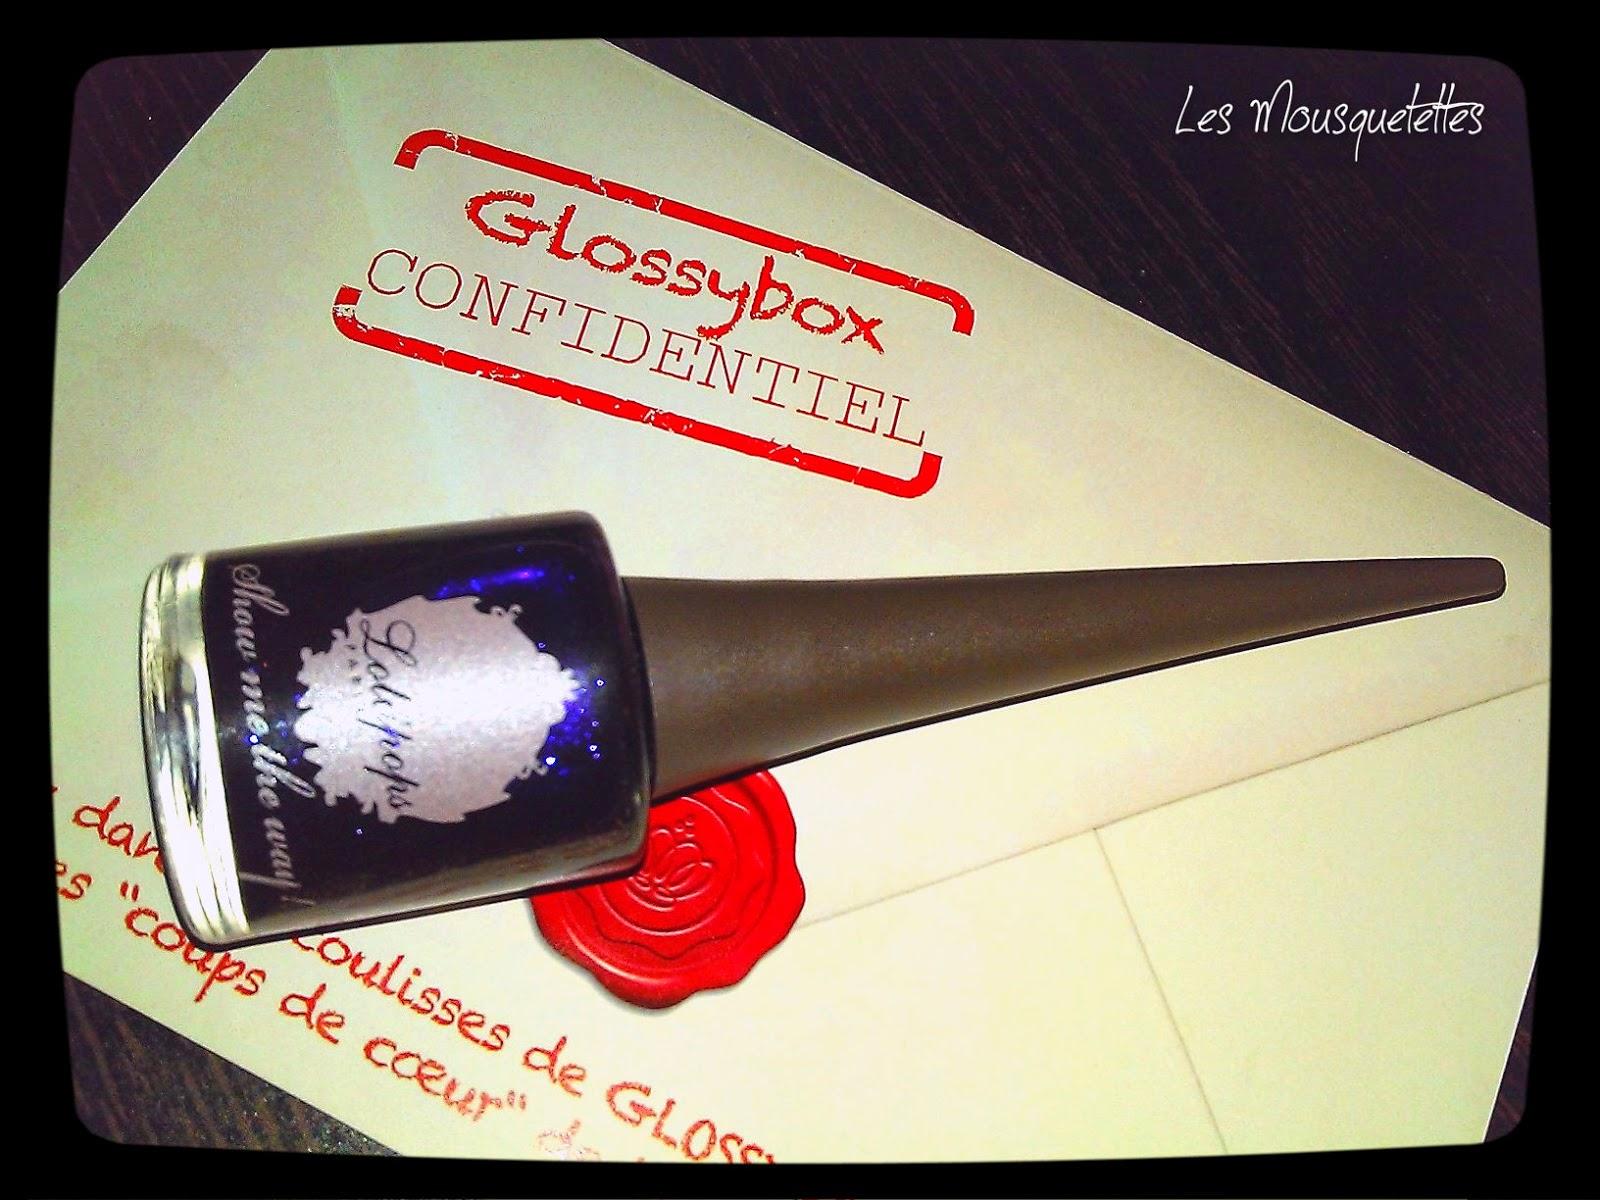 Vernis Lollipops Make-up Les Mousquetettes©